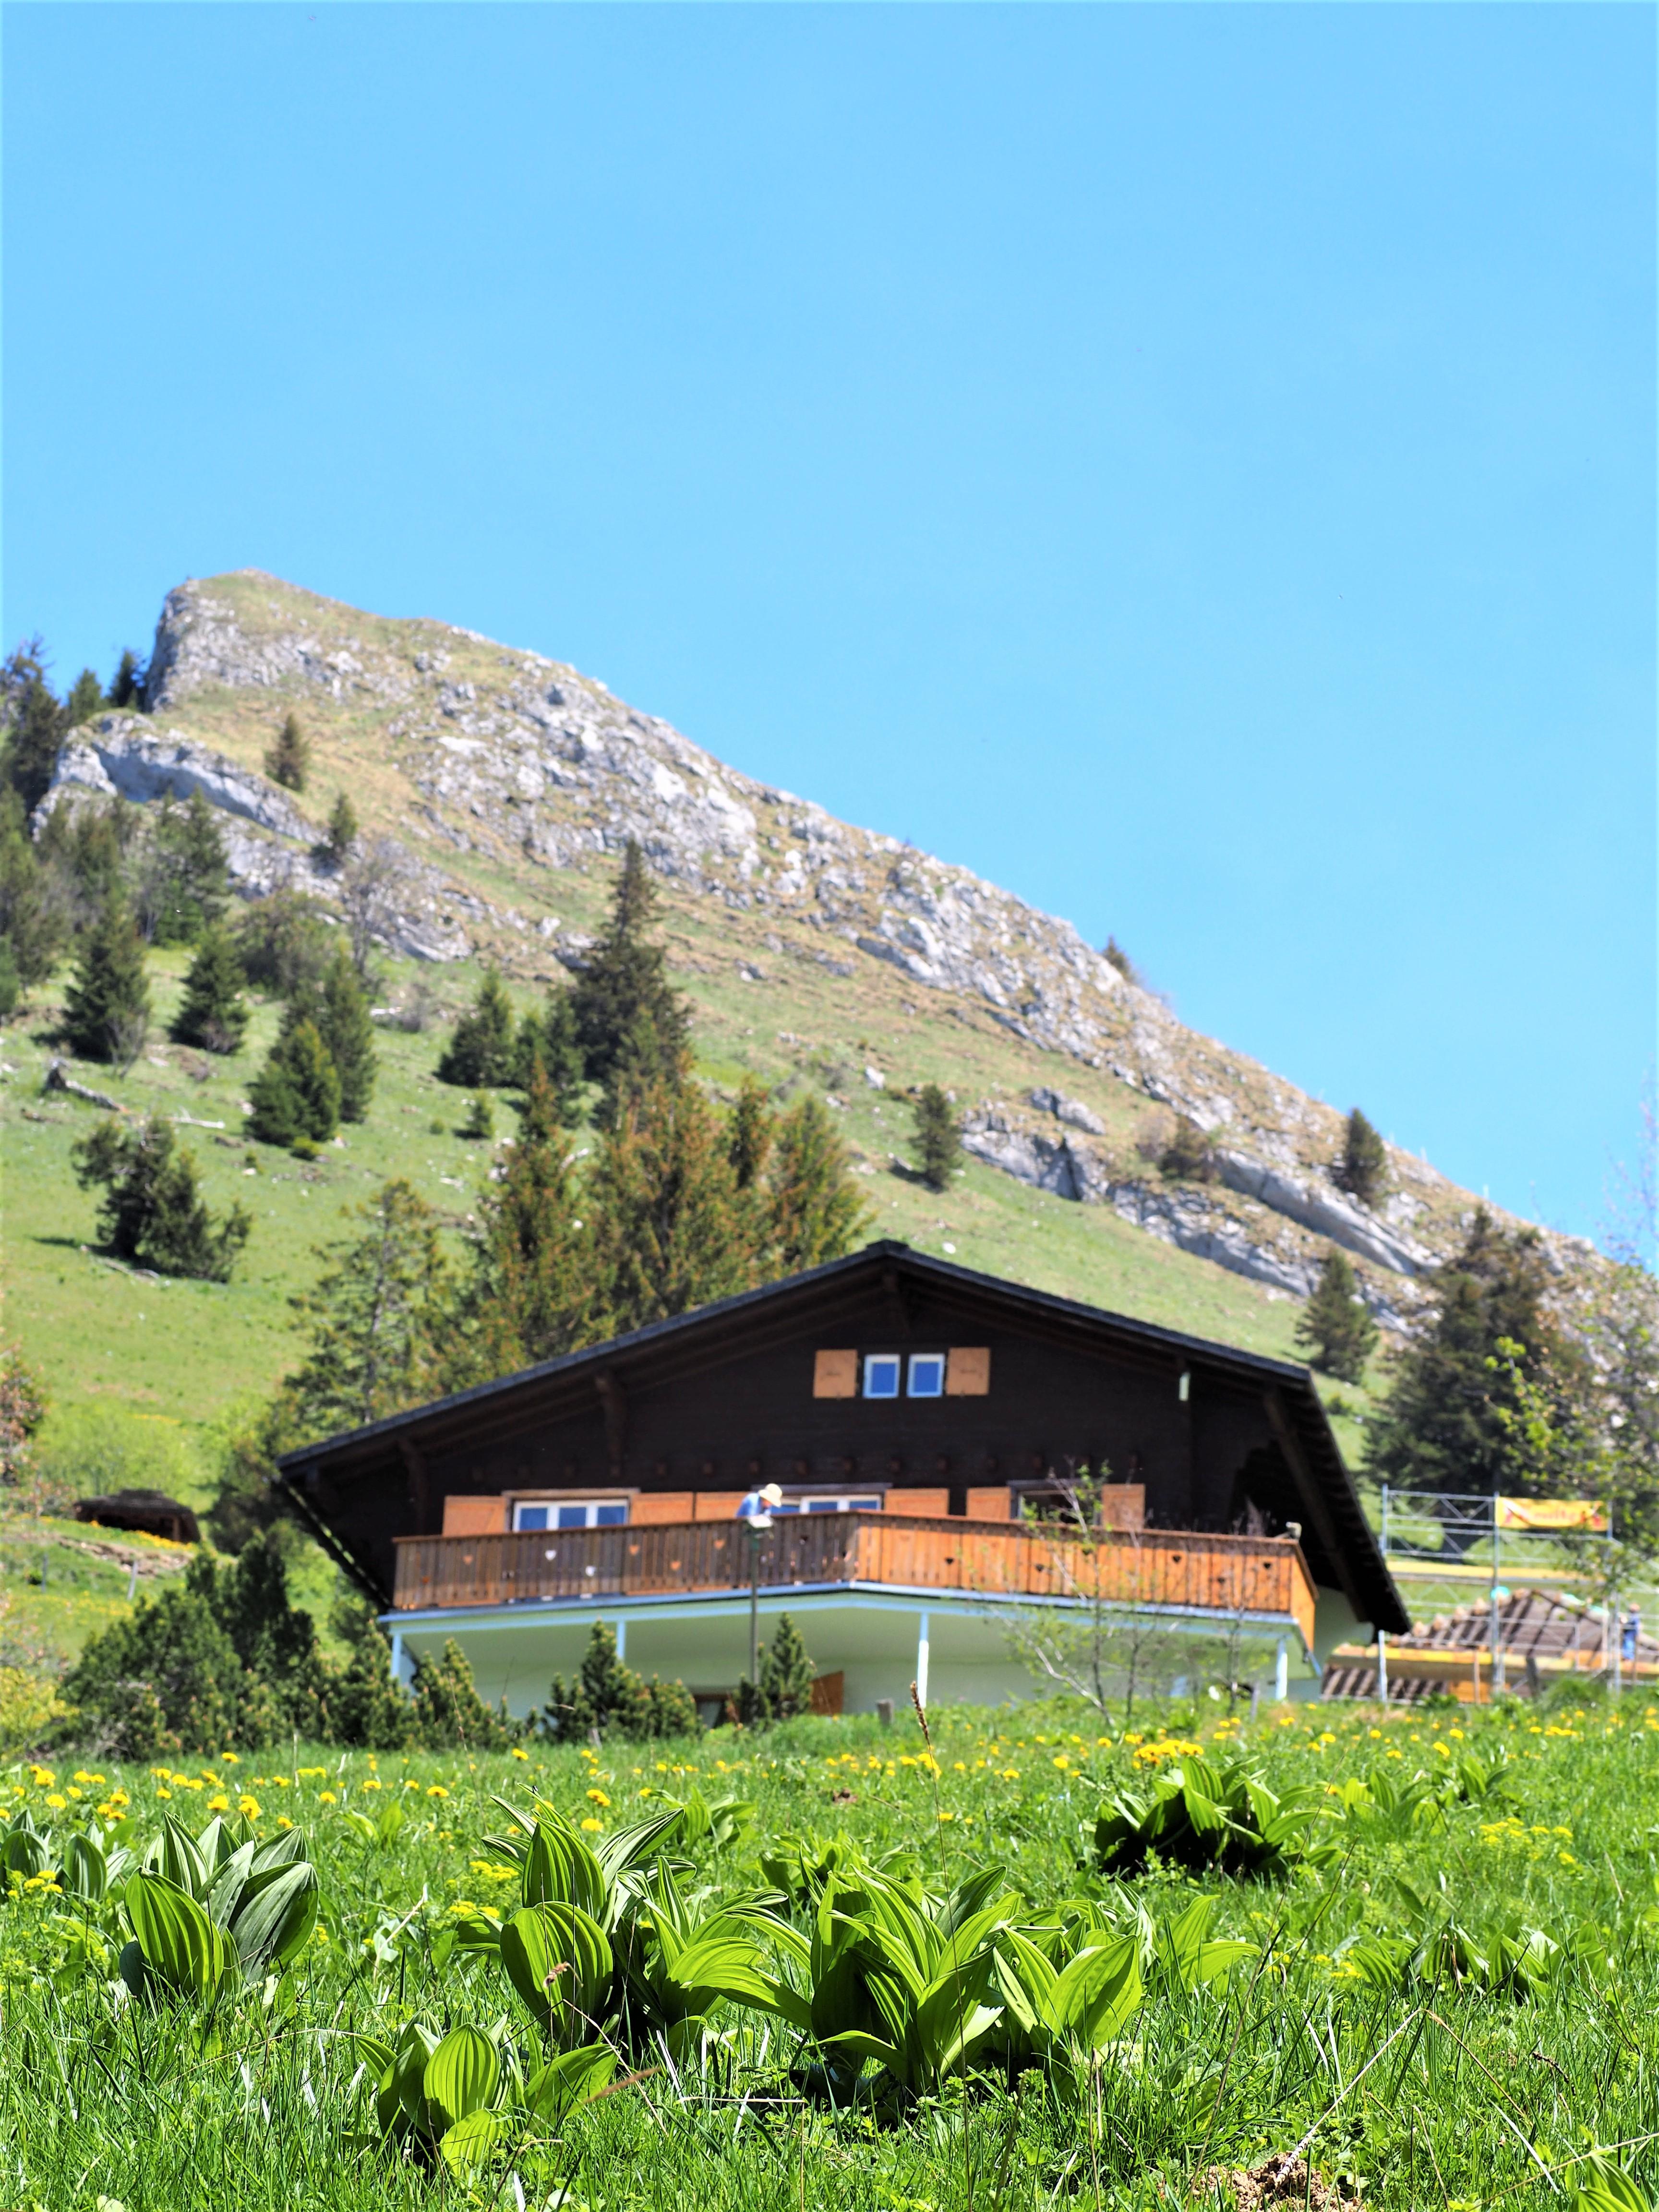 Dent de jaman lausanne balade suisse blog voyage clioandco maison